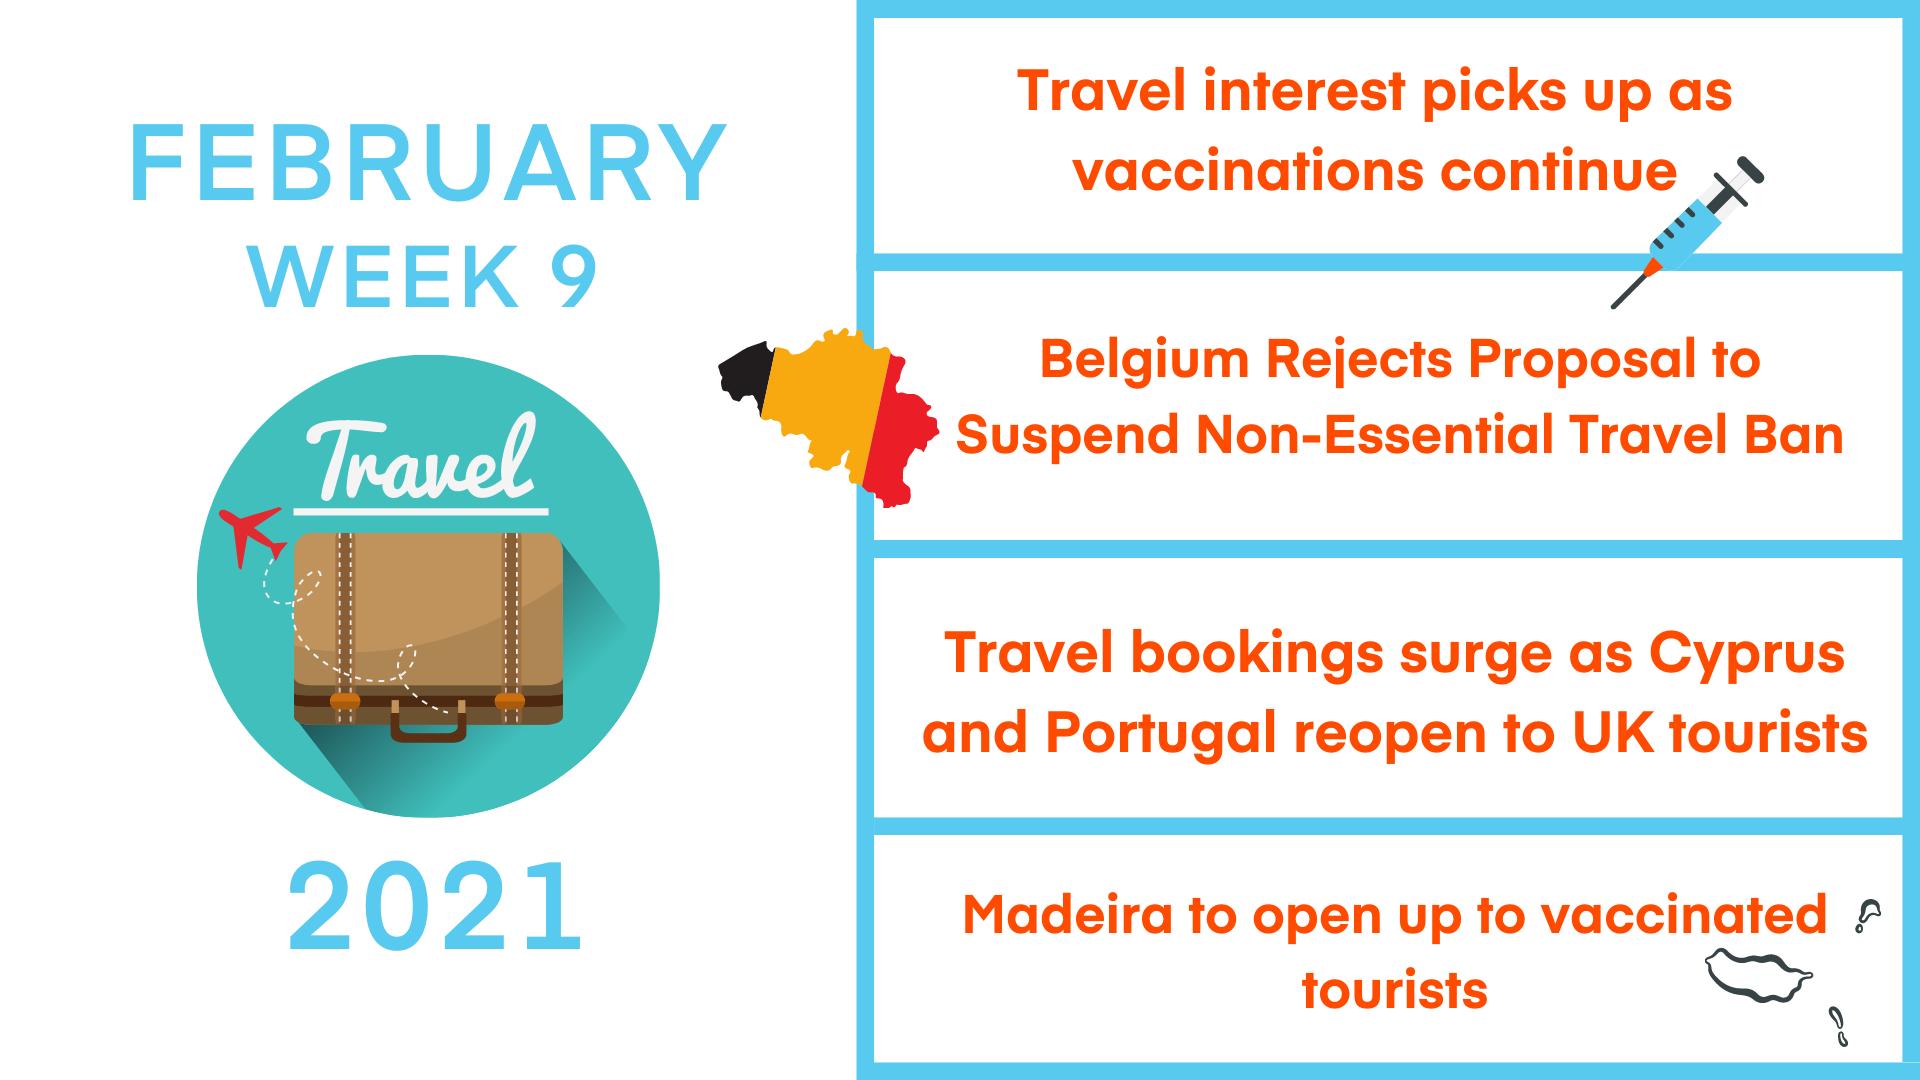 week 9 in travel